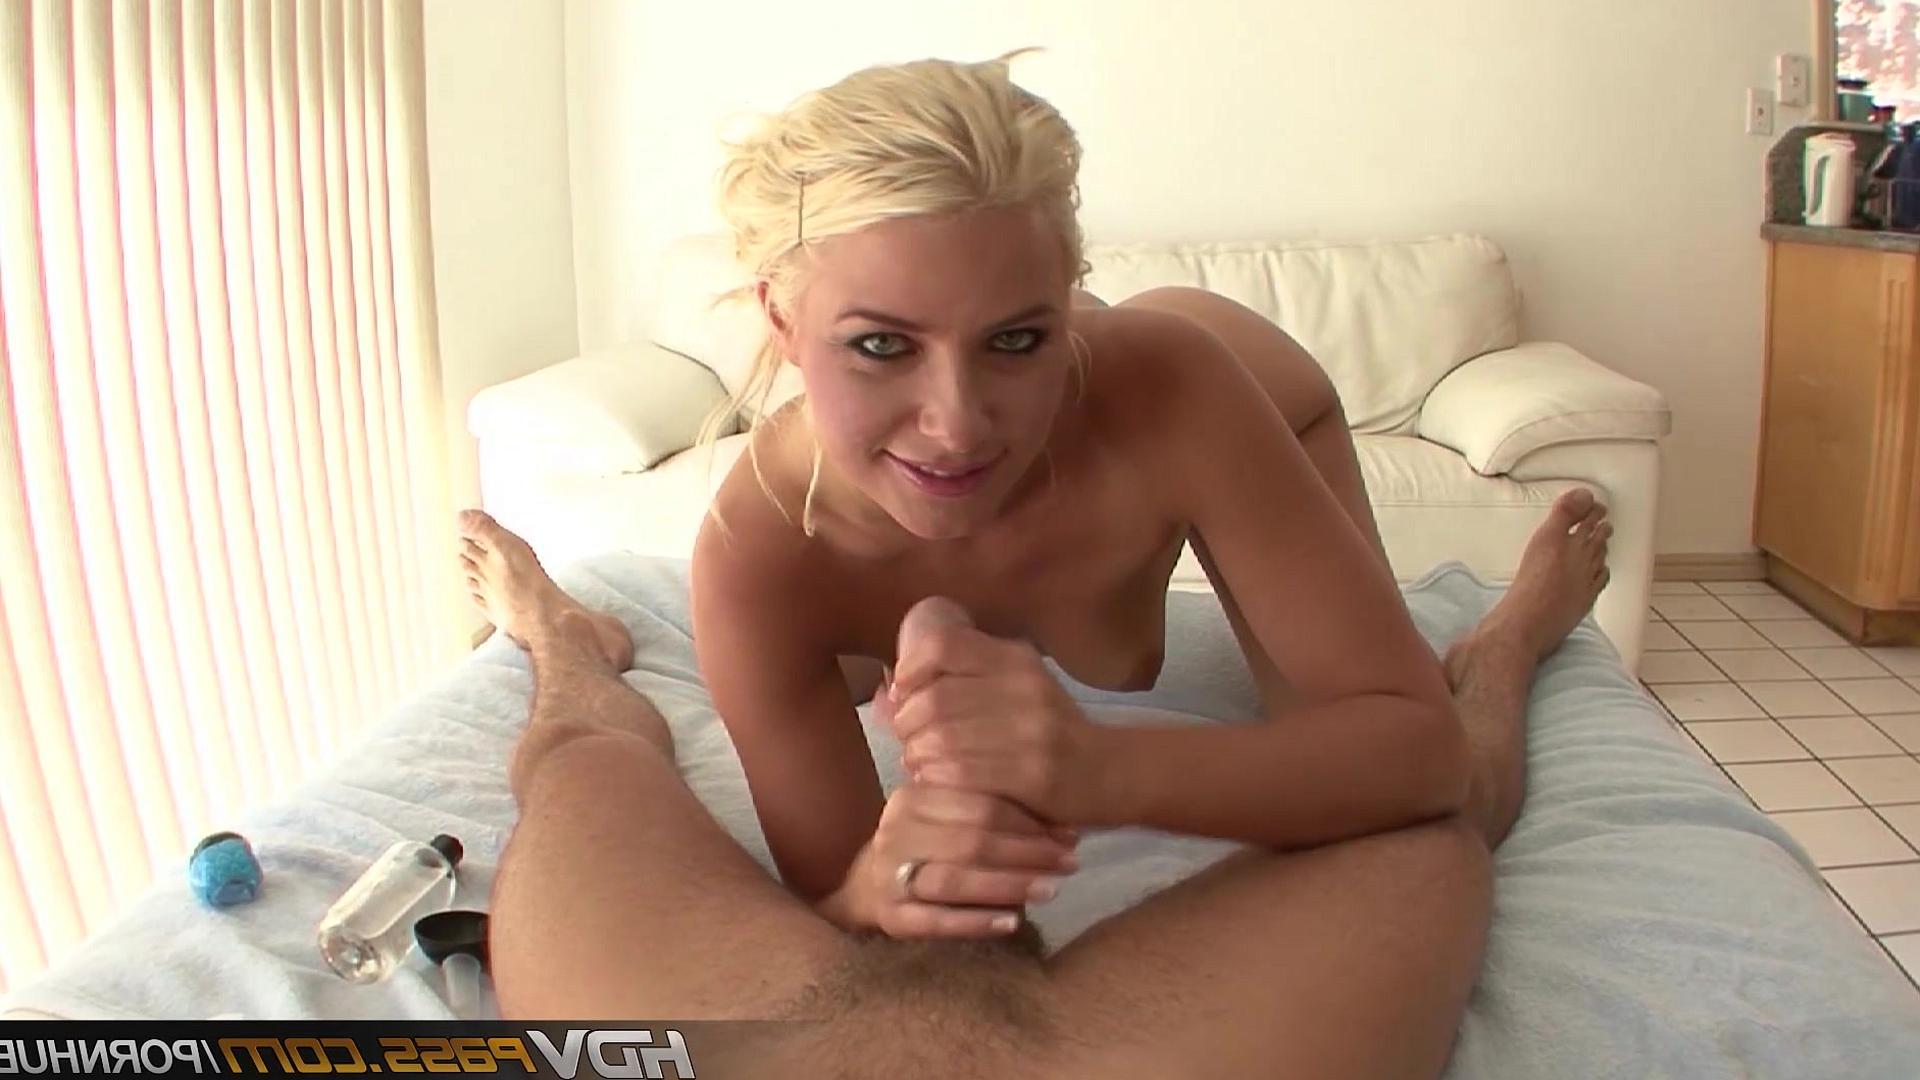 Смотреть порно длинный член онлайн бесплатно фото 307-182